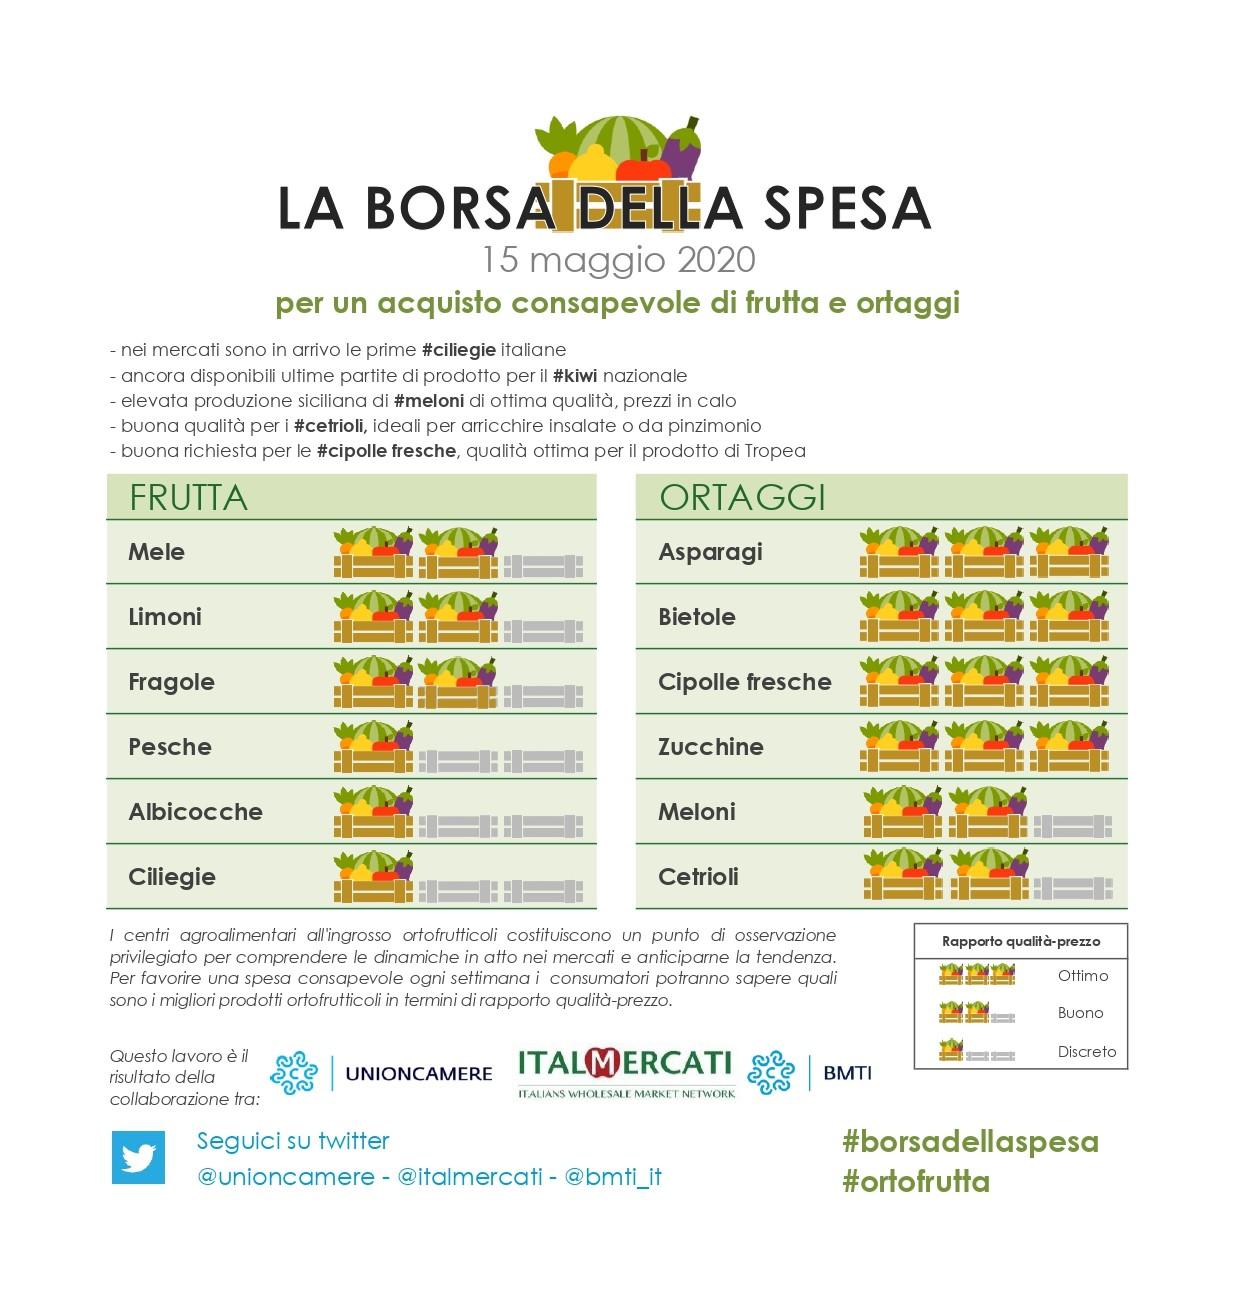 borsa della spesa di ortofrutta 15 maggio, migliori prodotti in termini qualità prezzo: asparagi, bietole, cipolle fresche e zucchine.